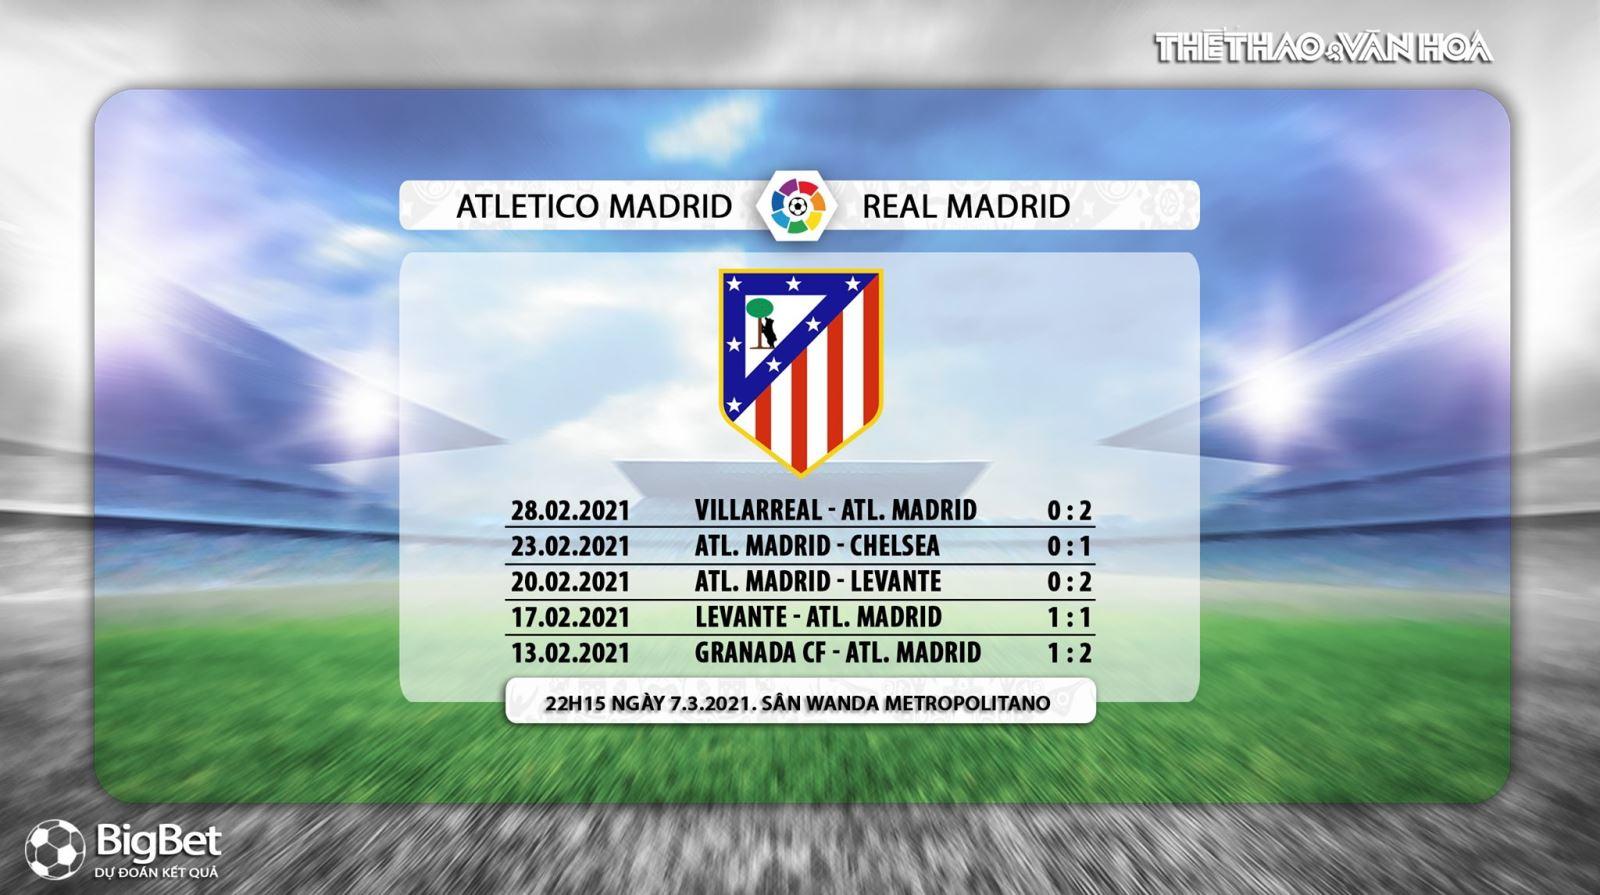 Keo nha cai, Kèo nhà cái, Atletico Madrid vs Real Madrid, BĐTV trực tiếp bóng đá Tây Ban Nha, soi kèo Real Madrid đấu với Atletico Madrid, soi kèo Real Madrid